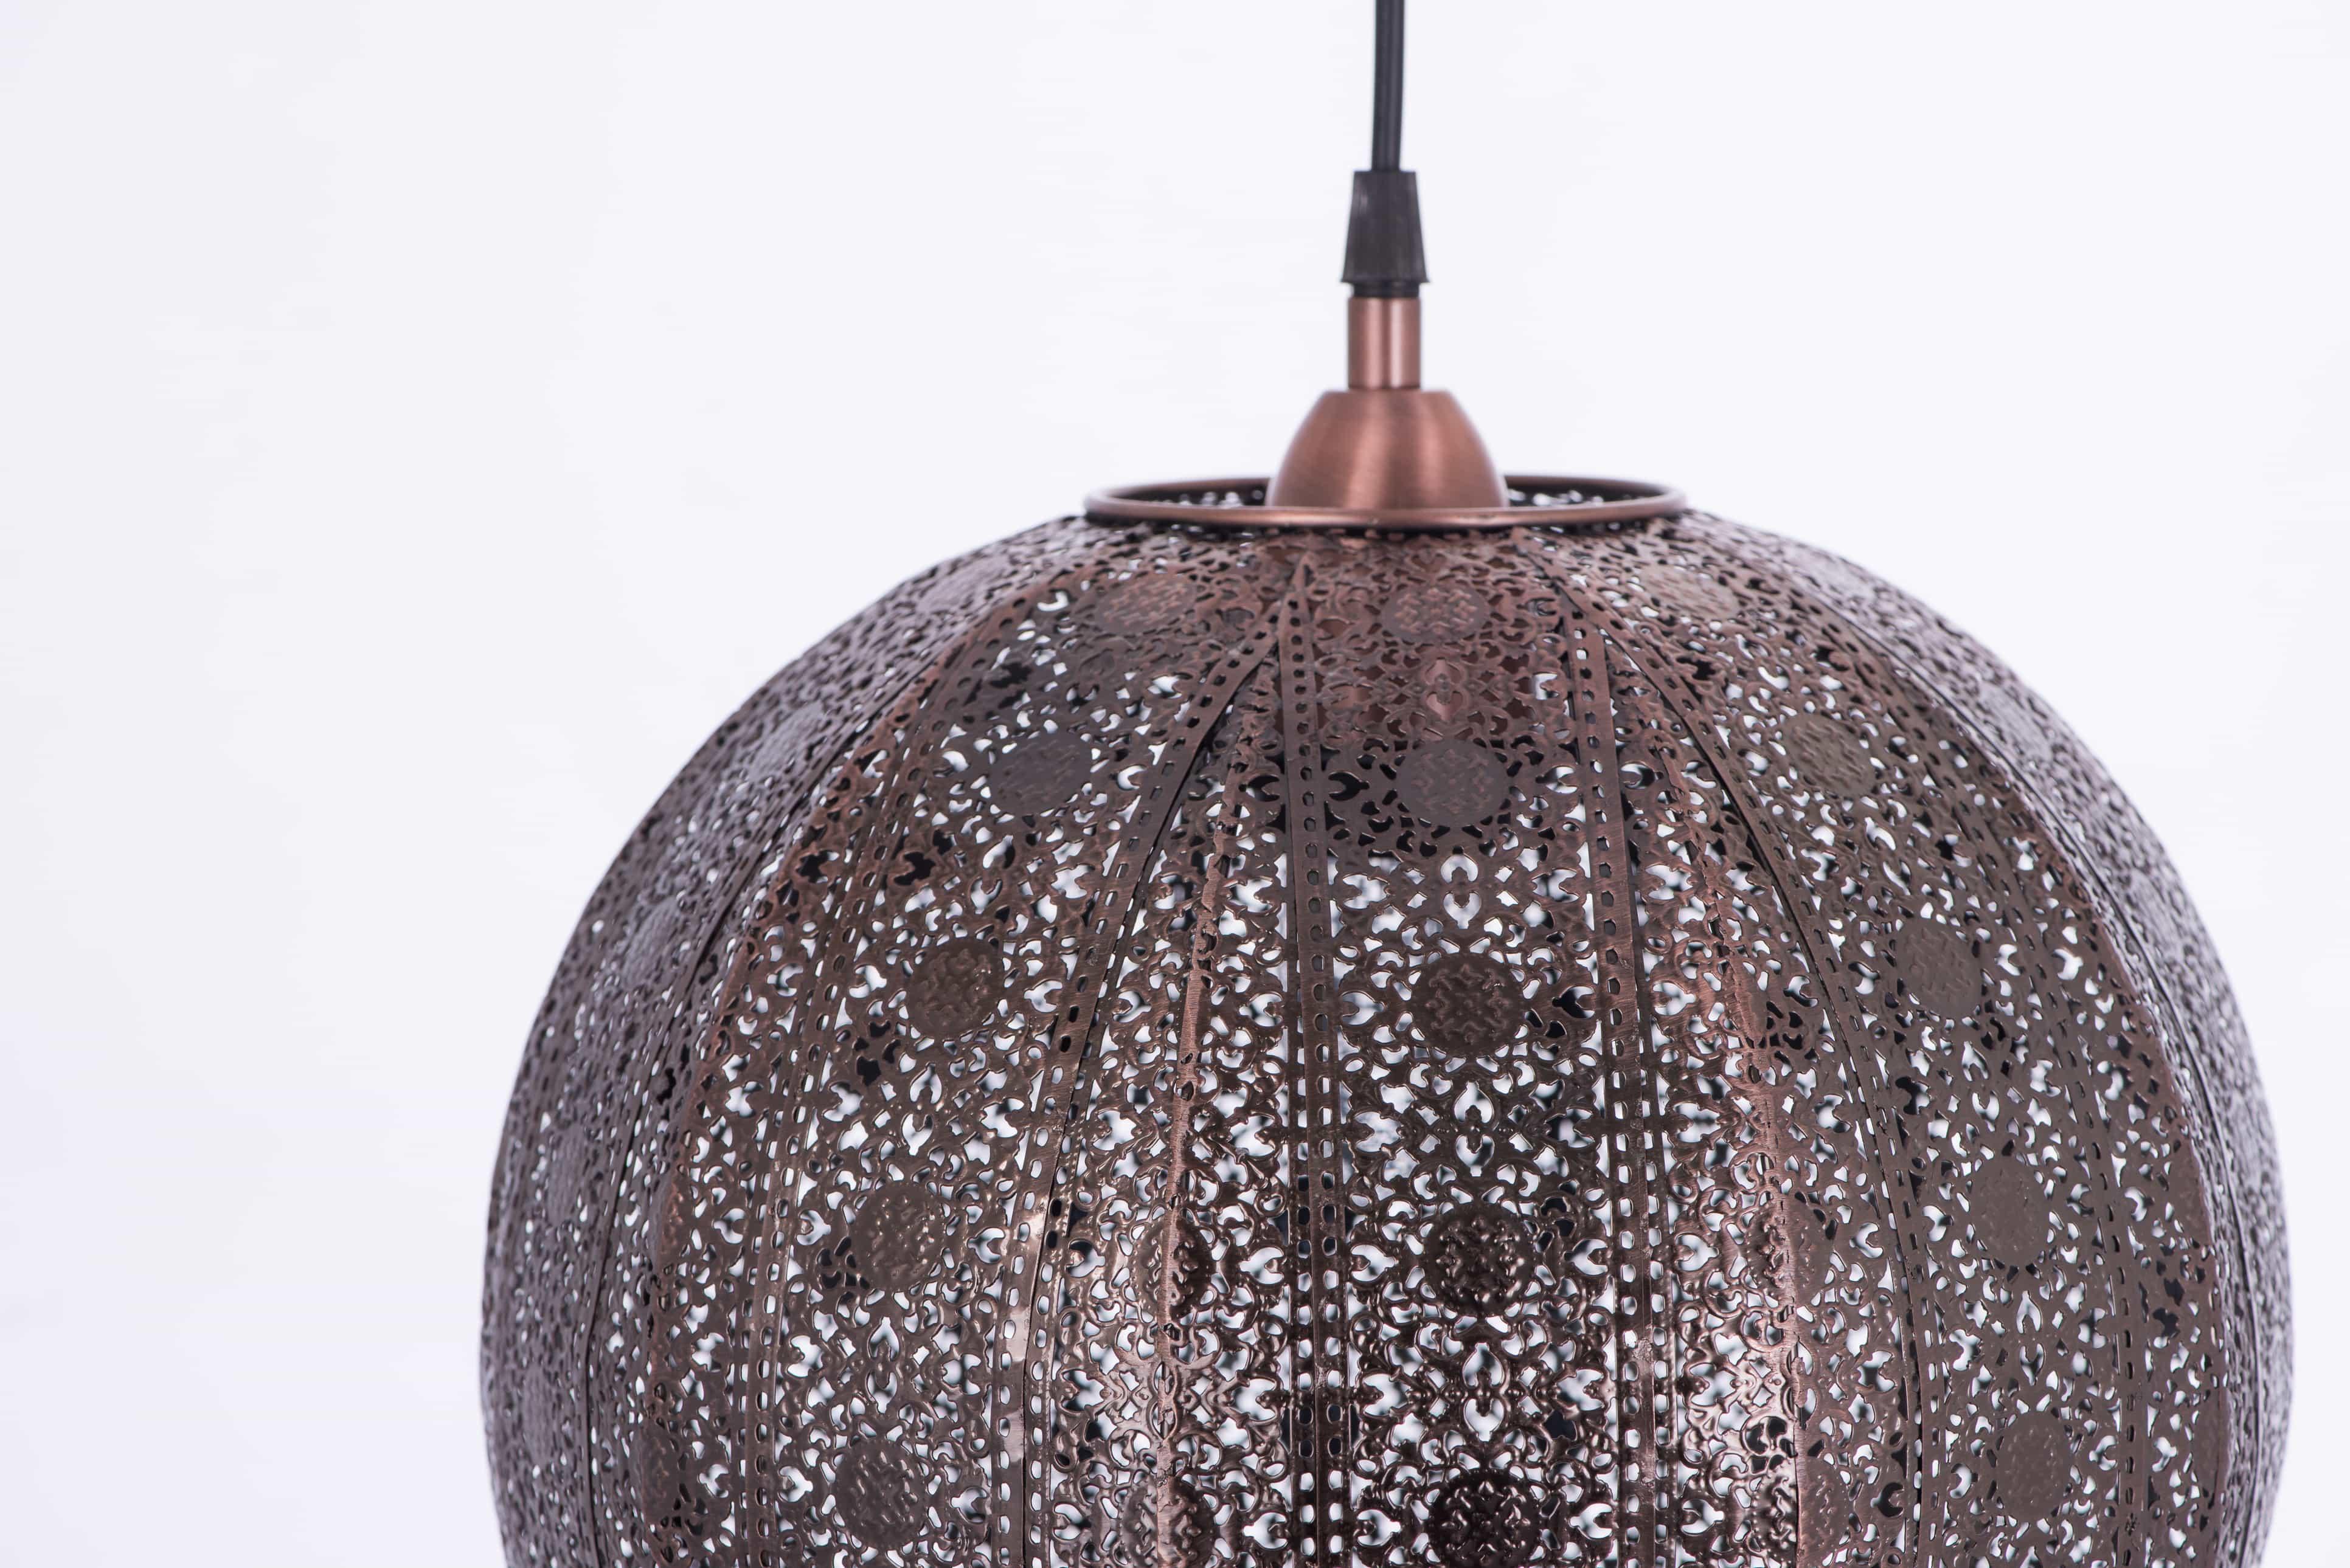 紅銅刷黑蕾絲花邊圓形吊燈-BNL00075 5